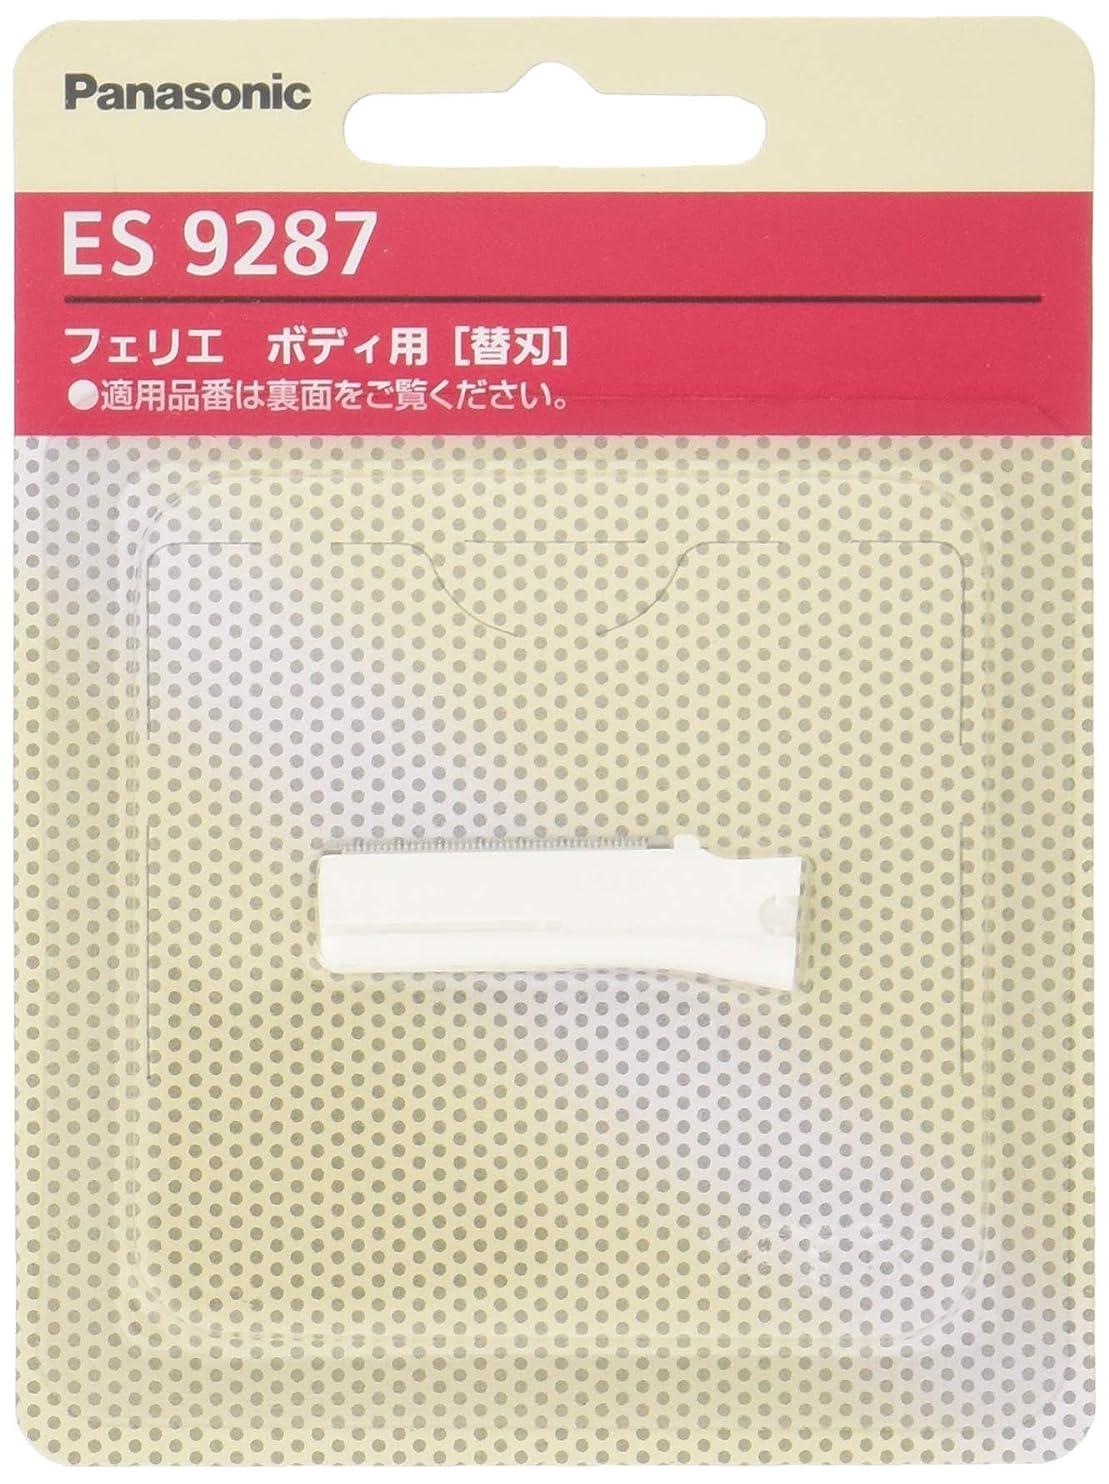 精算辛なリテラシーパナソニック 替刃 フェリエ ボディ用 ES9287